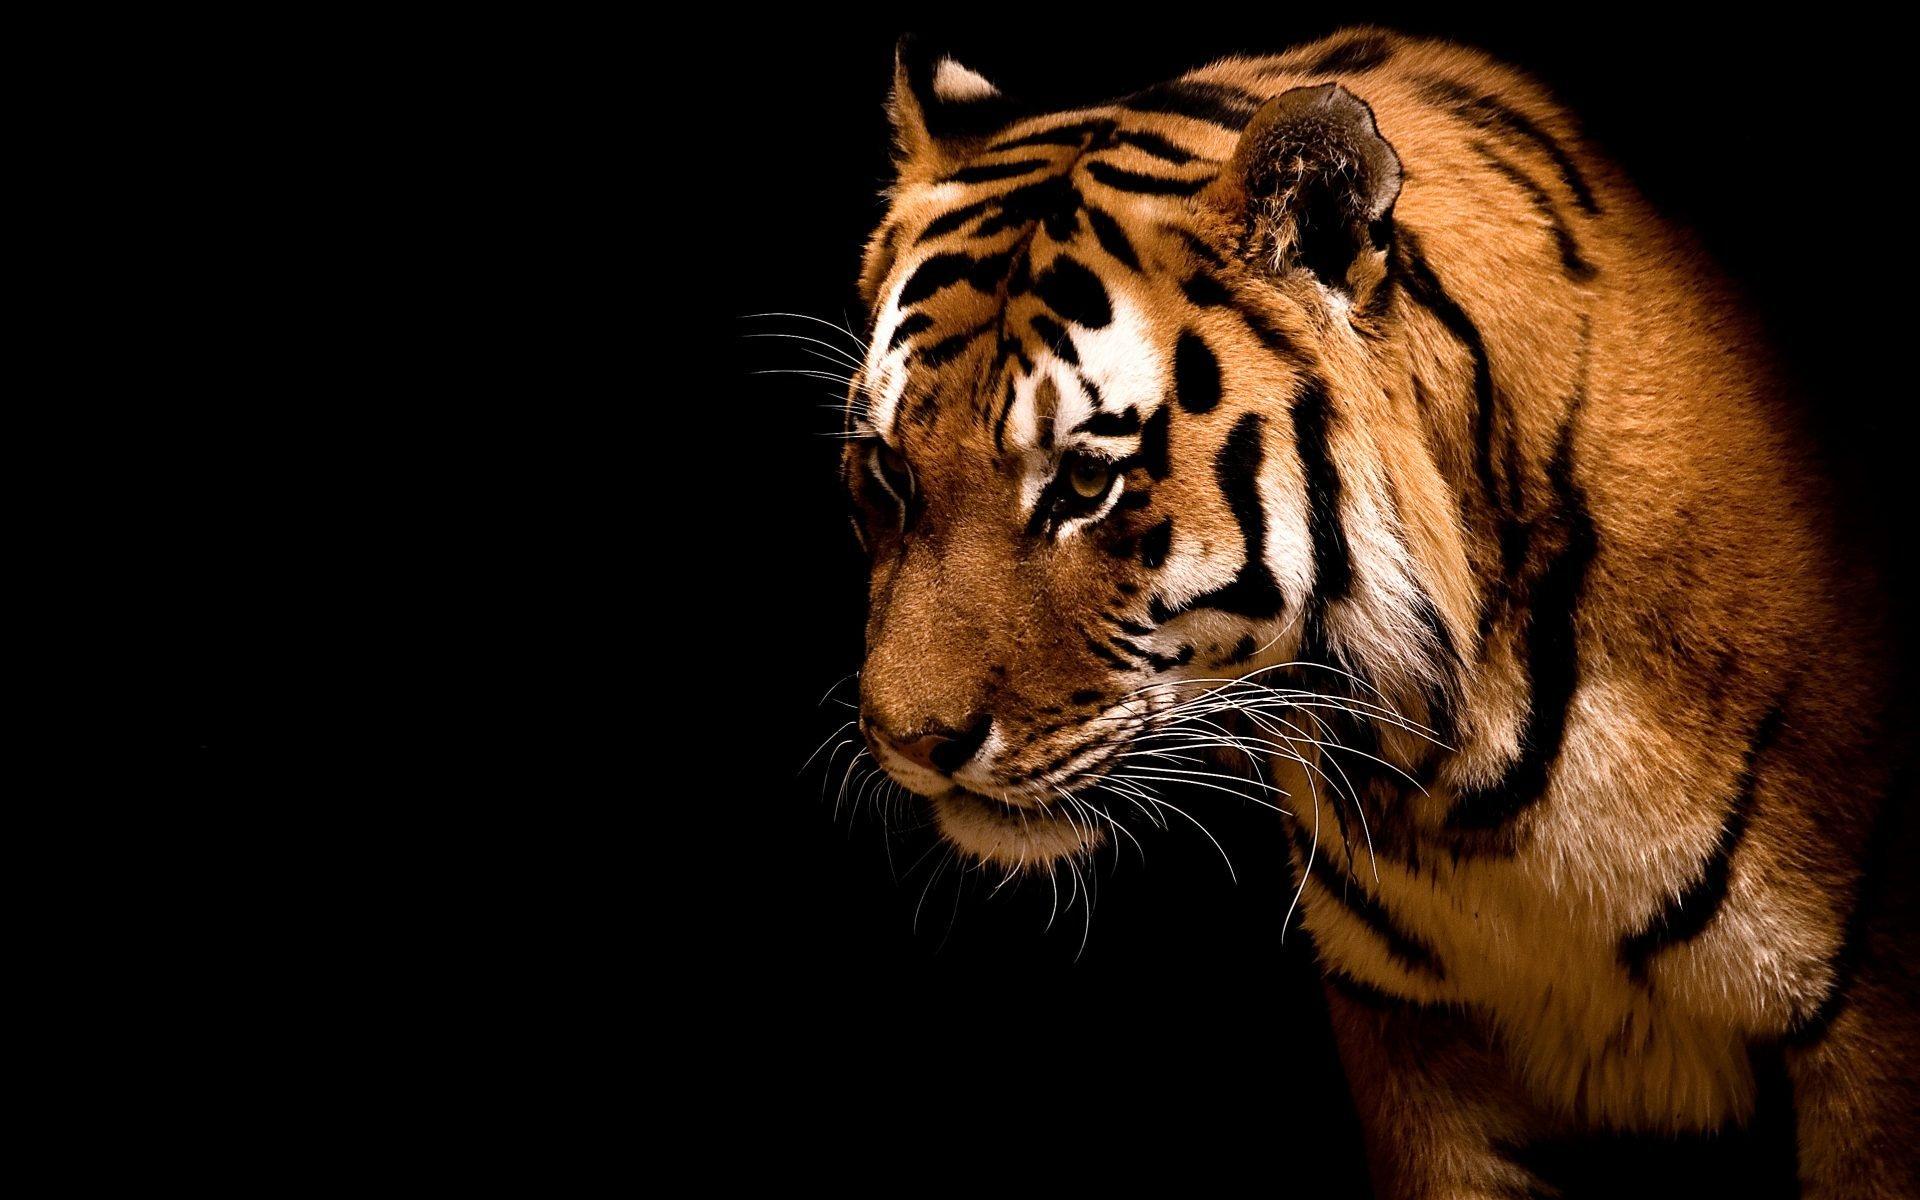 картинка тигренок на черном фоне